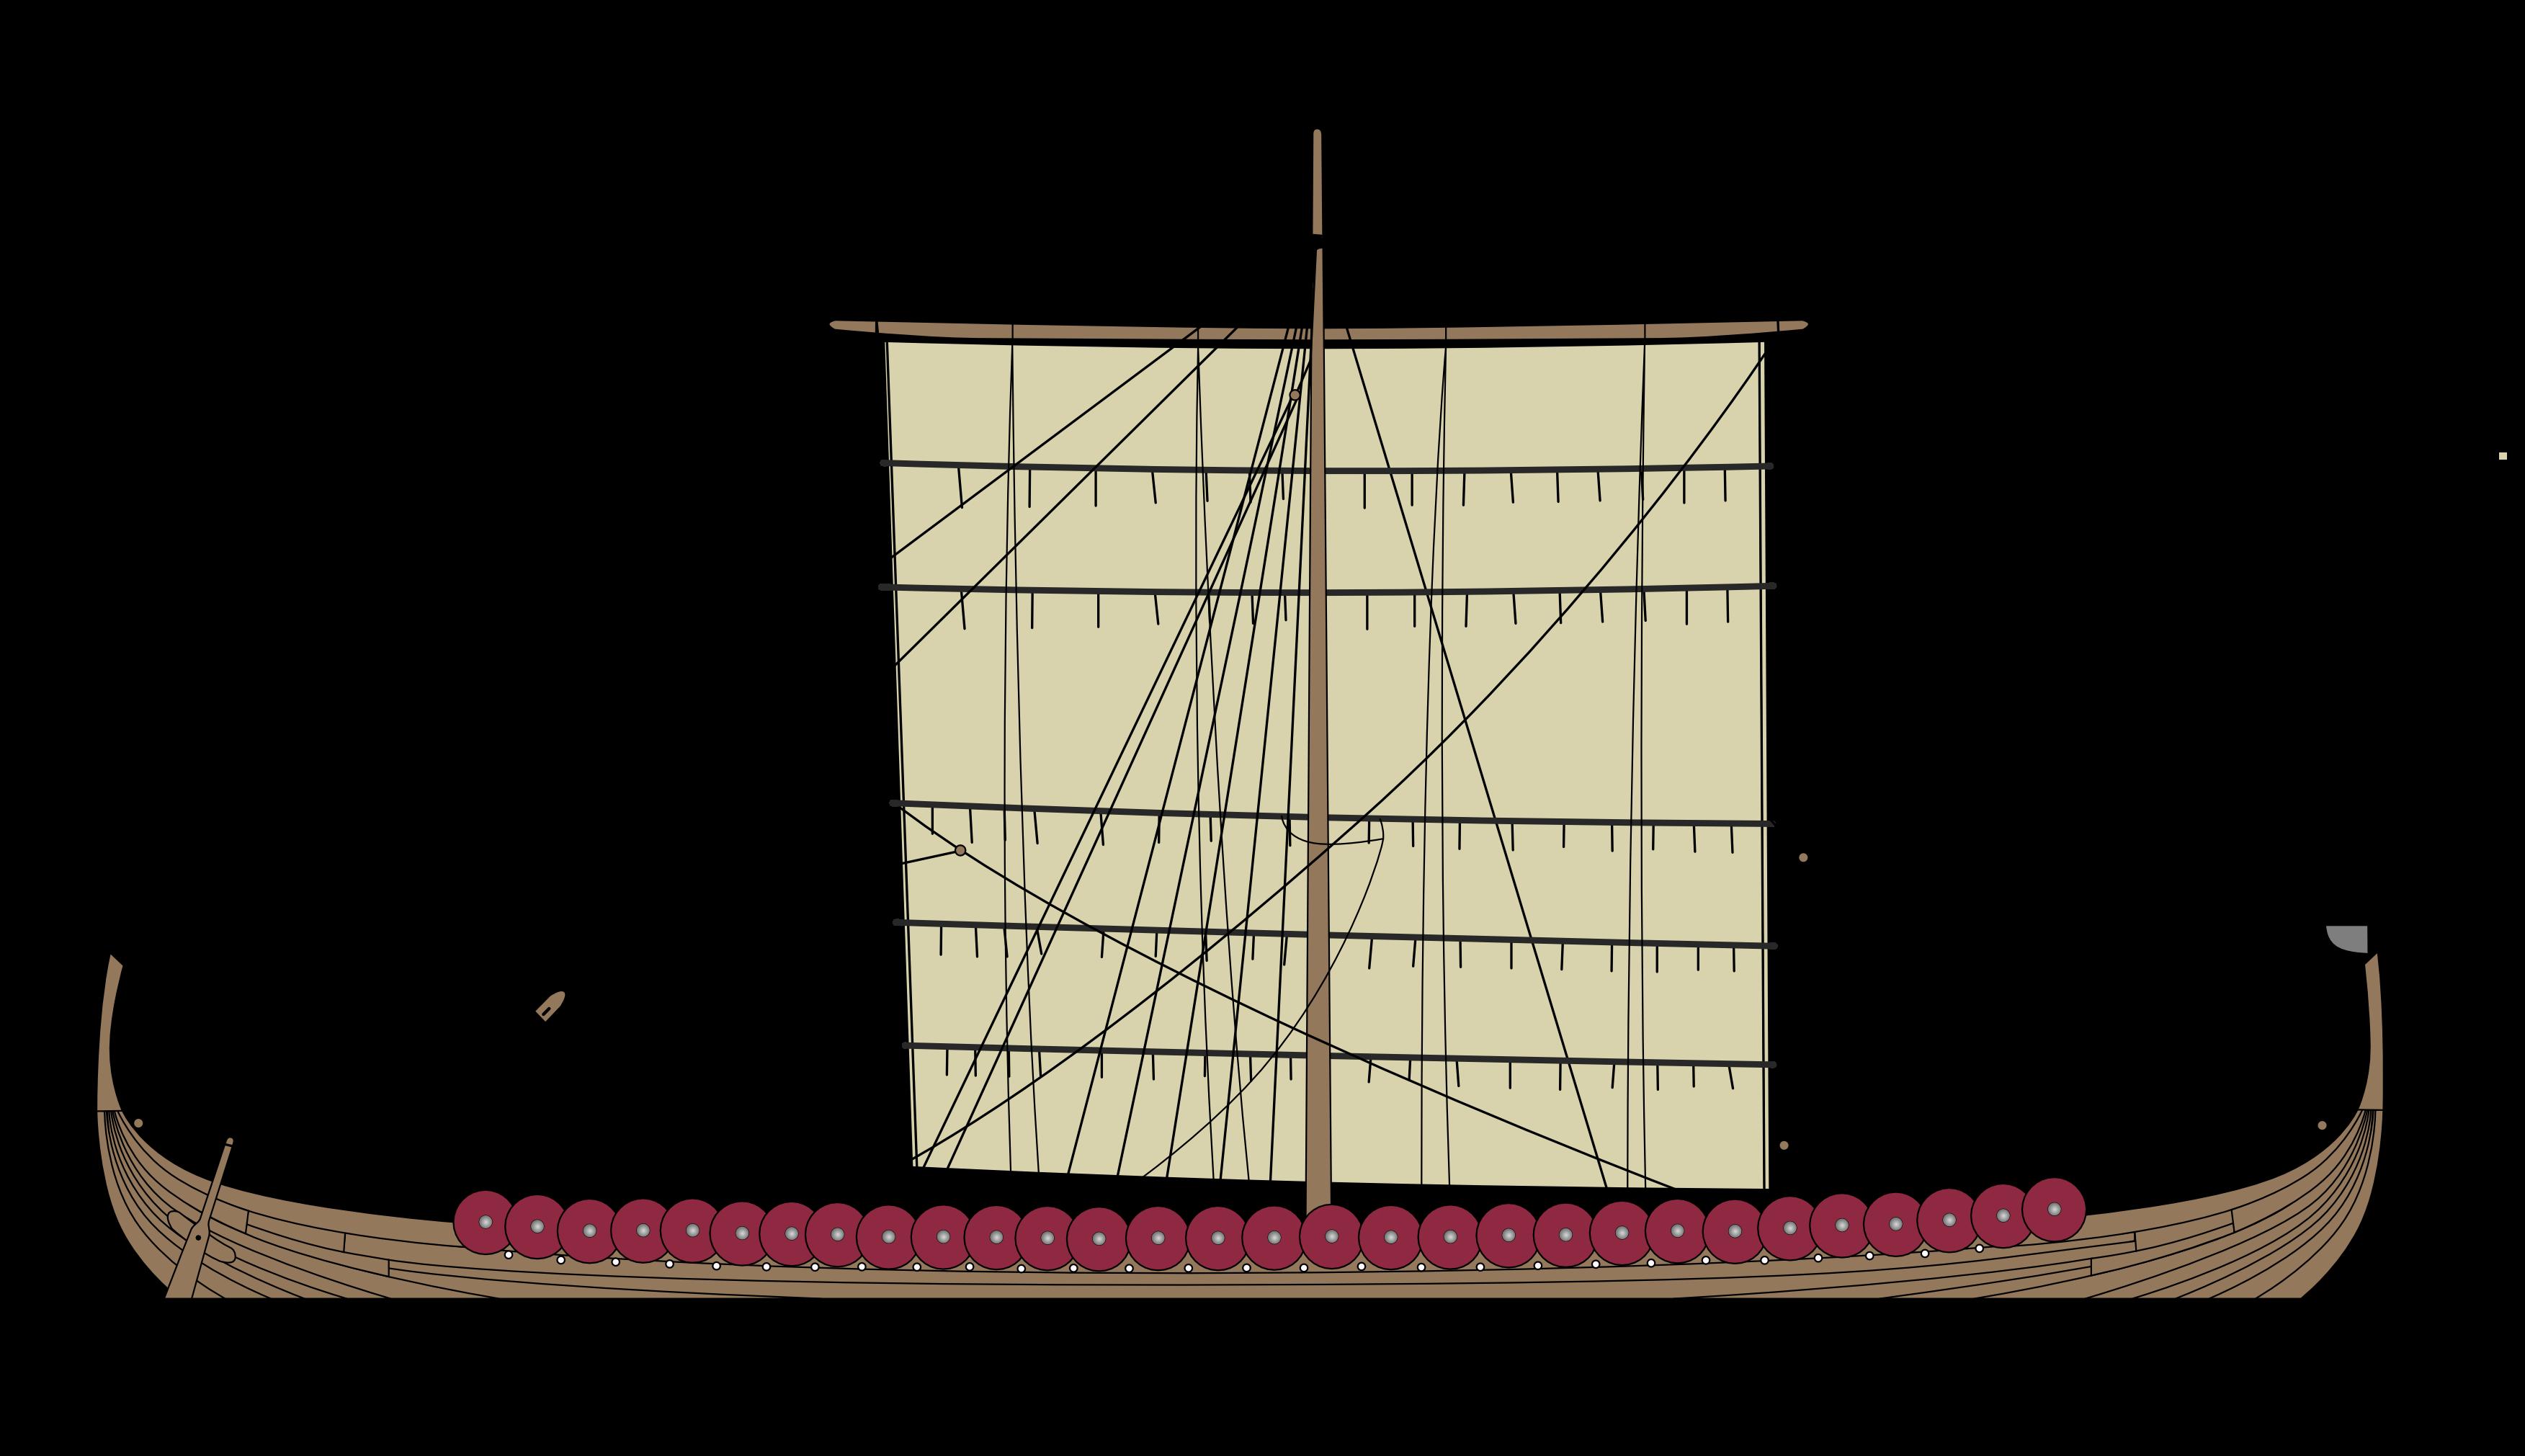 Gokstad Viking Longship | The Model Shipwright